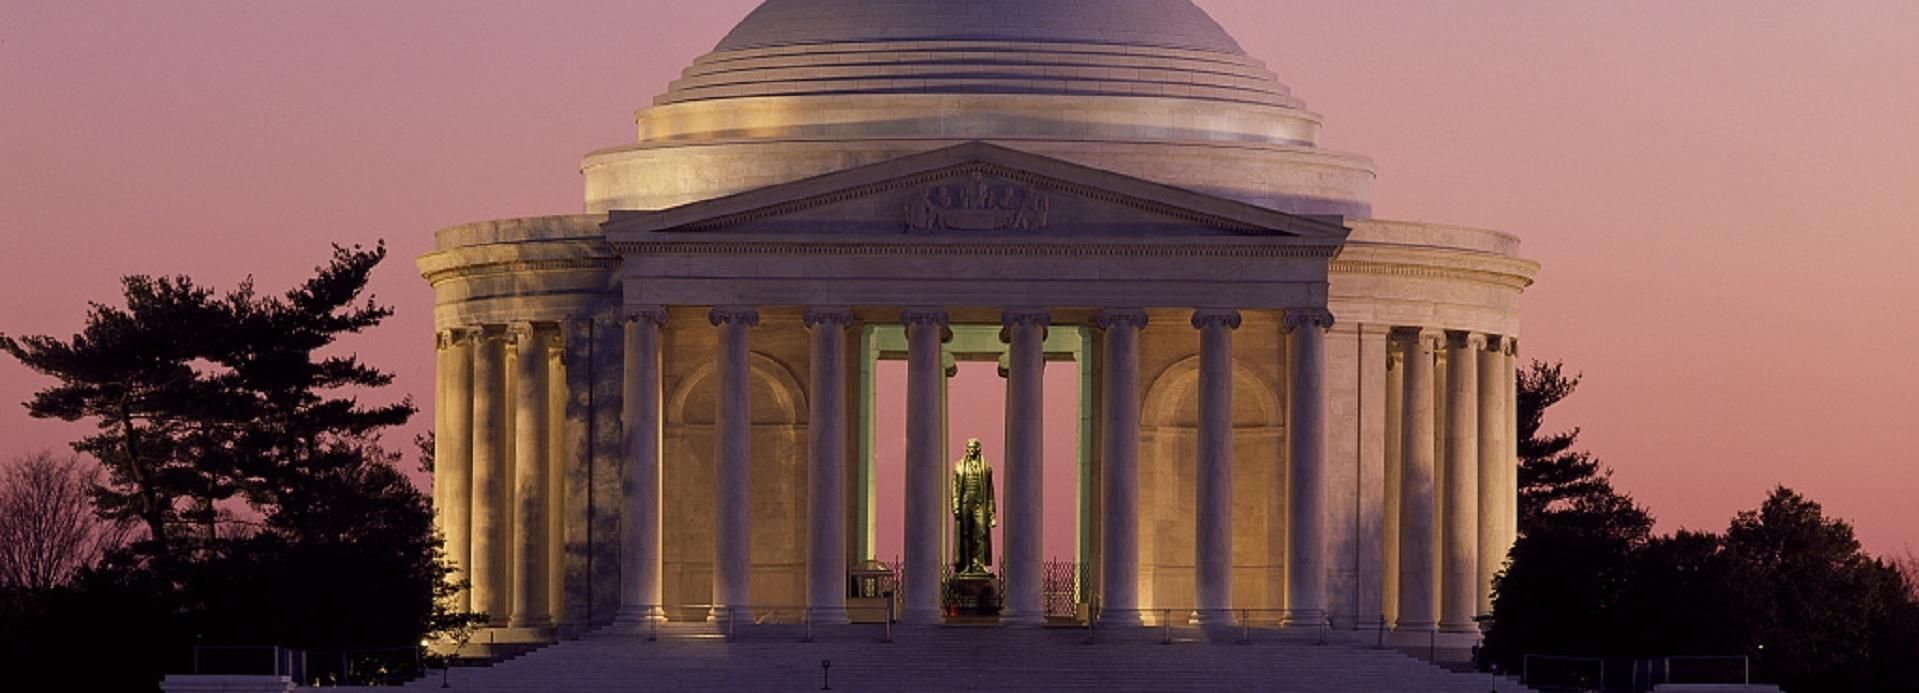 DC au crépuscule: Visite nocturne du National Mall